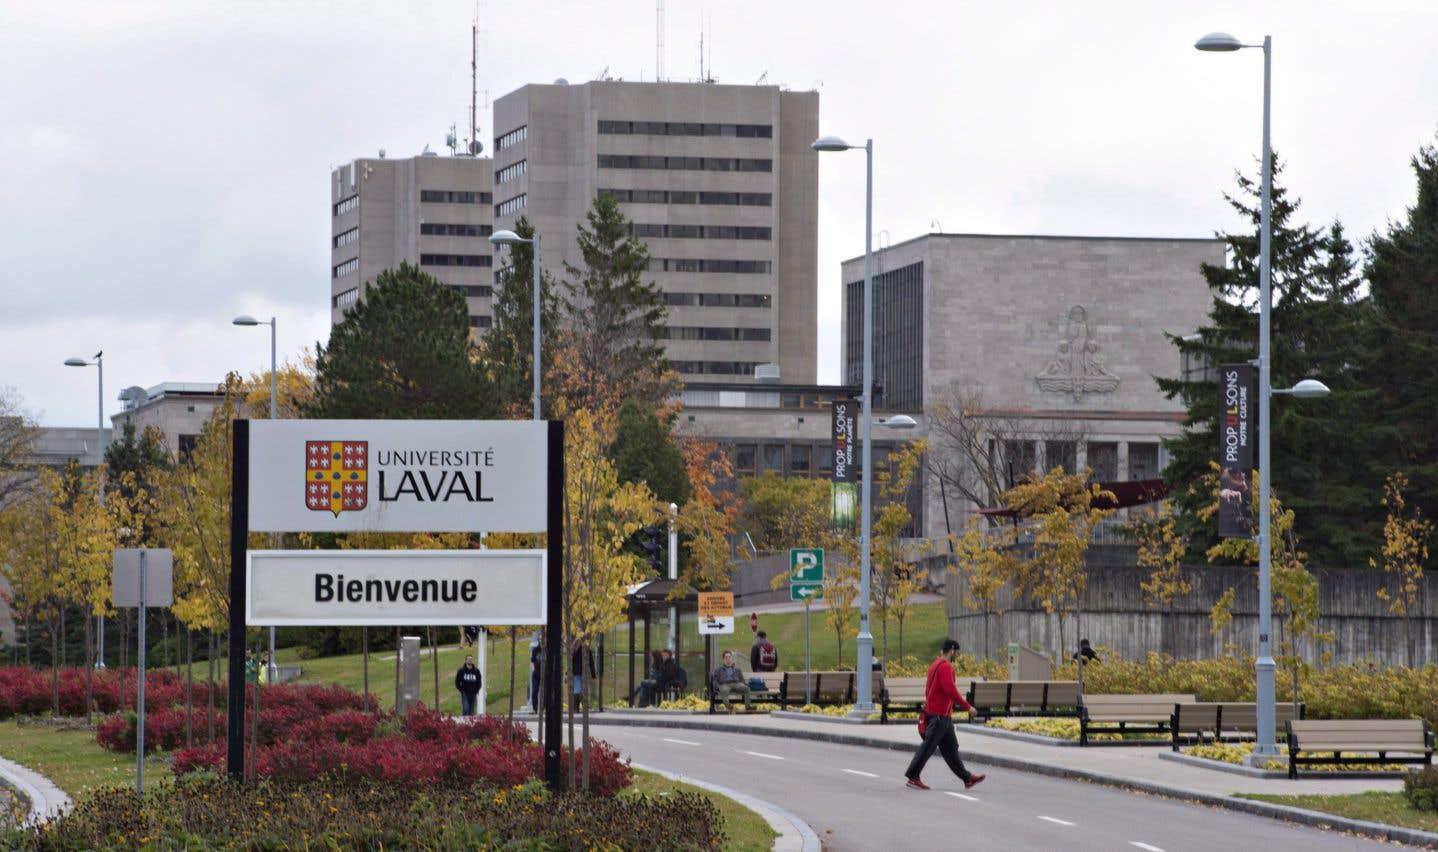 Les tensions prof-étudiant se révèlent à l'Université Laval